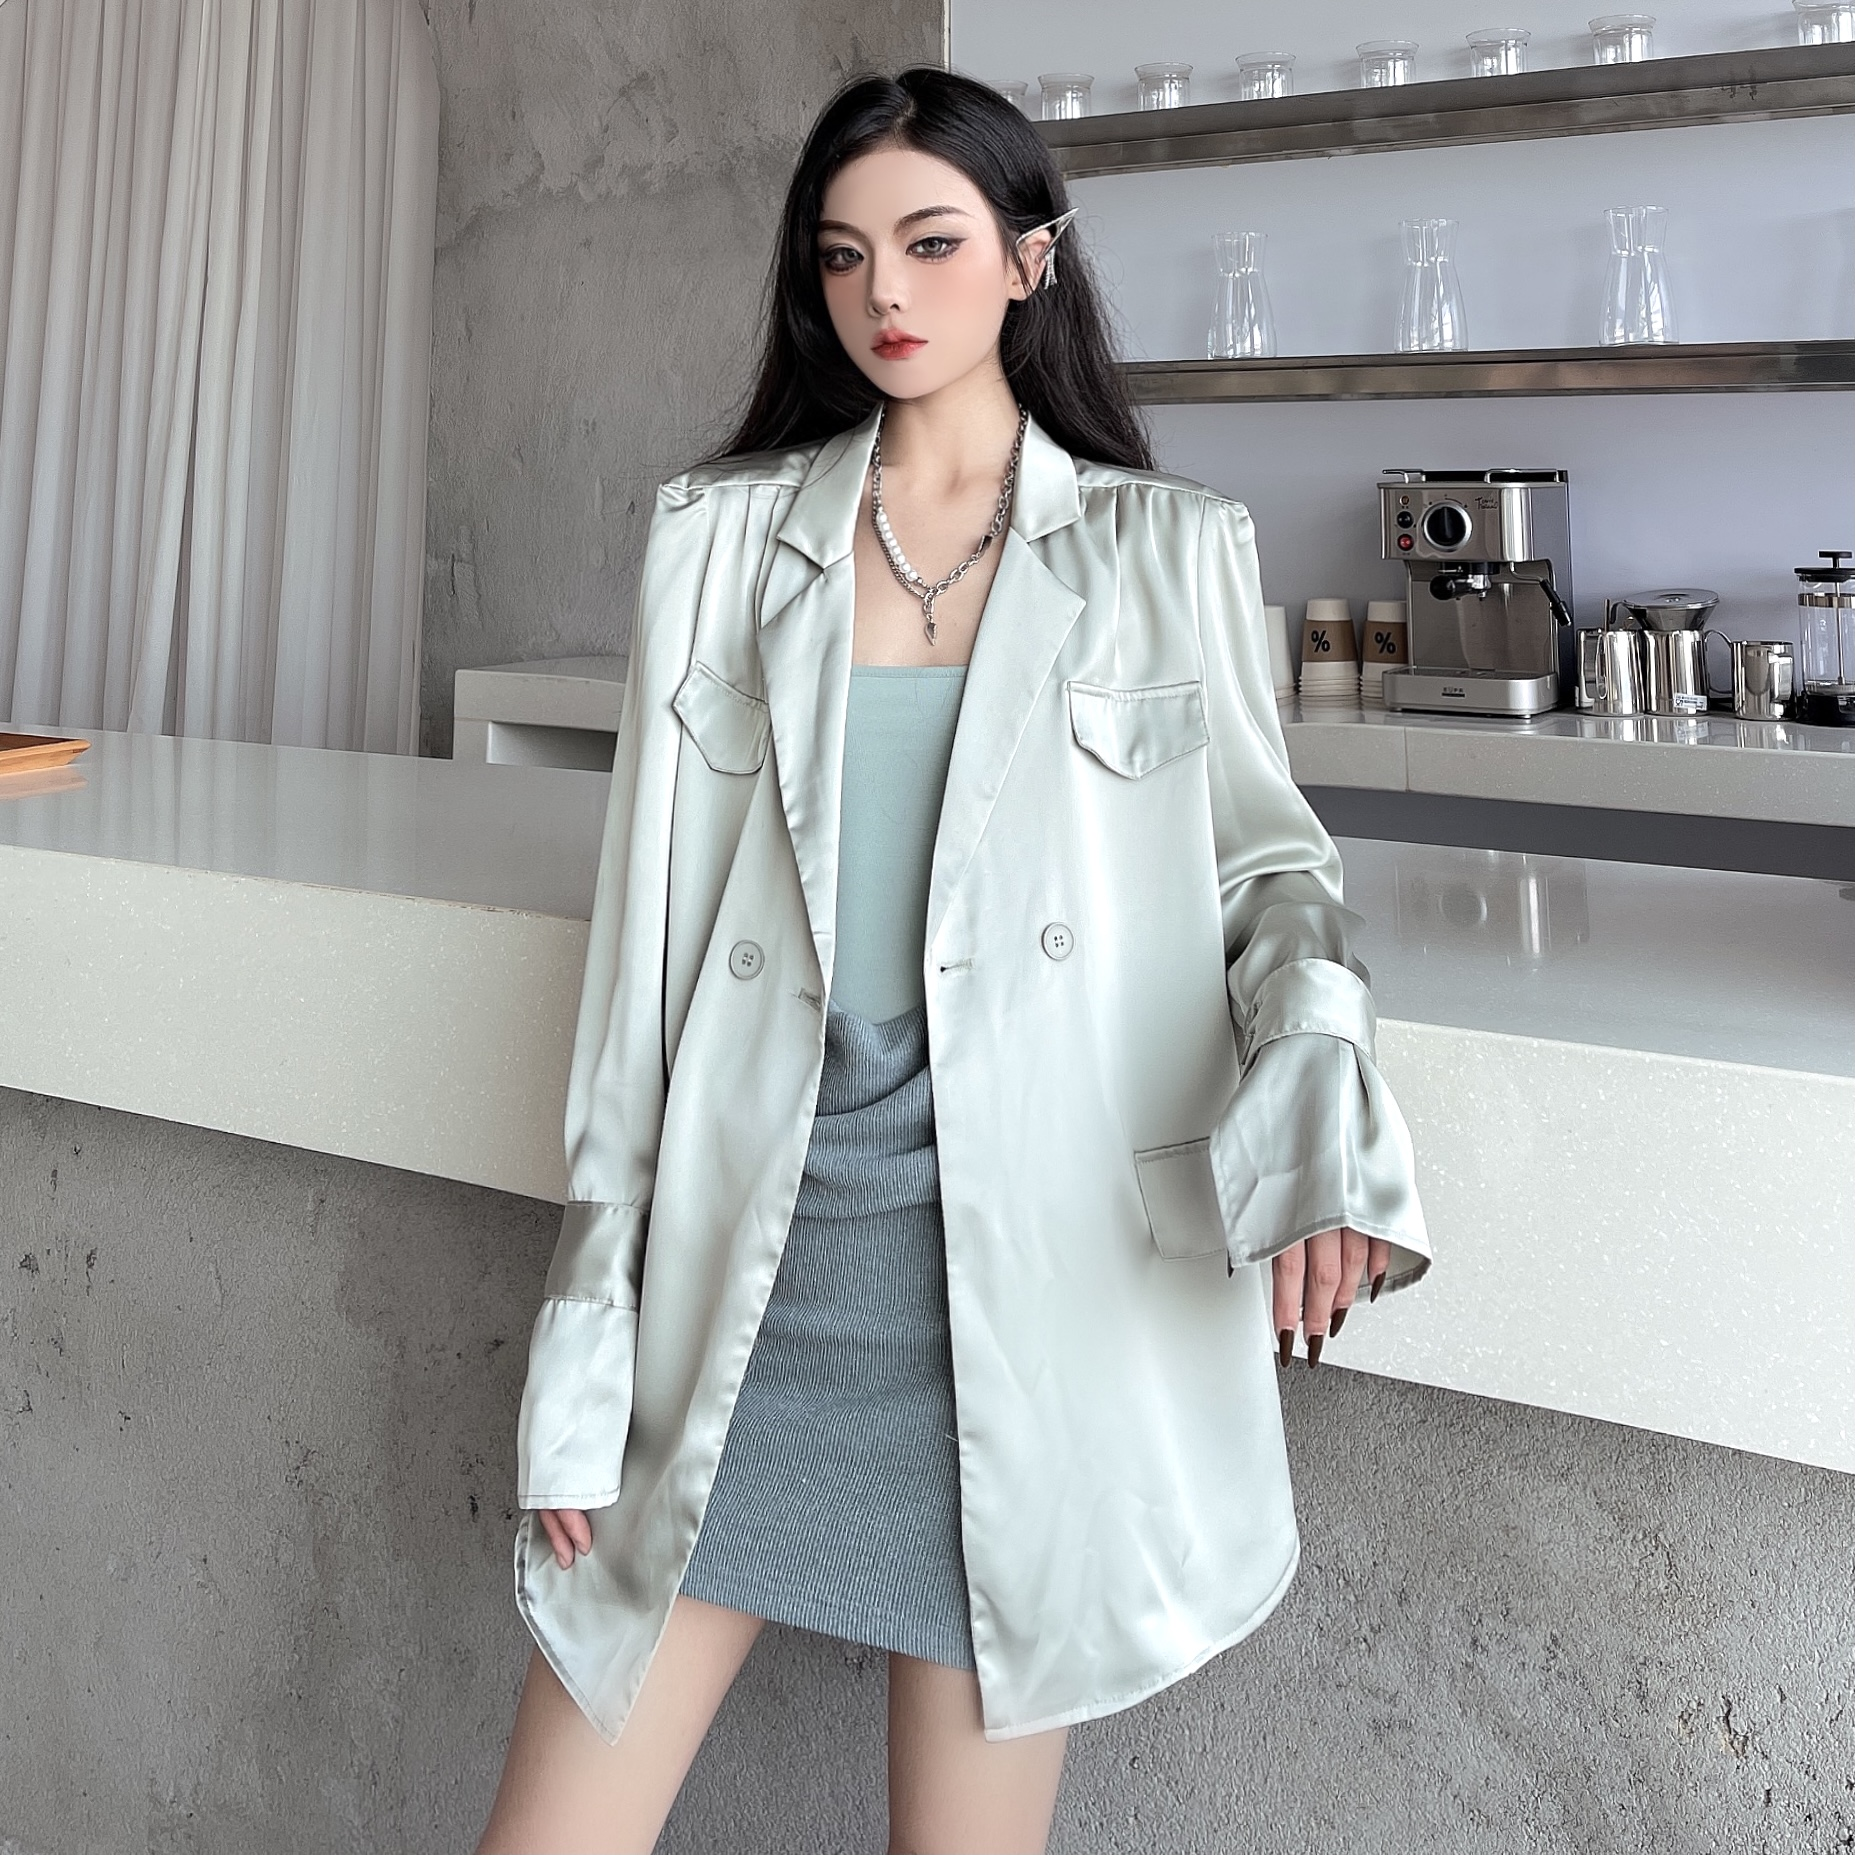 大码女装2021早秋新款缎面衬衫宽松显瘦西装外套包臀连衣裙套装潮